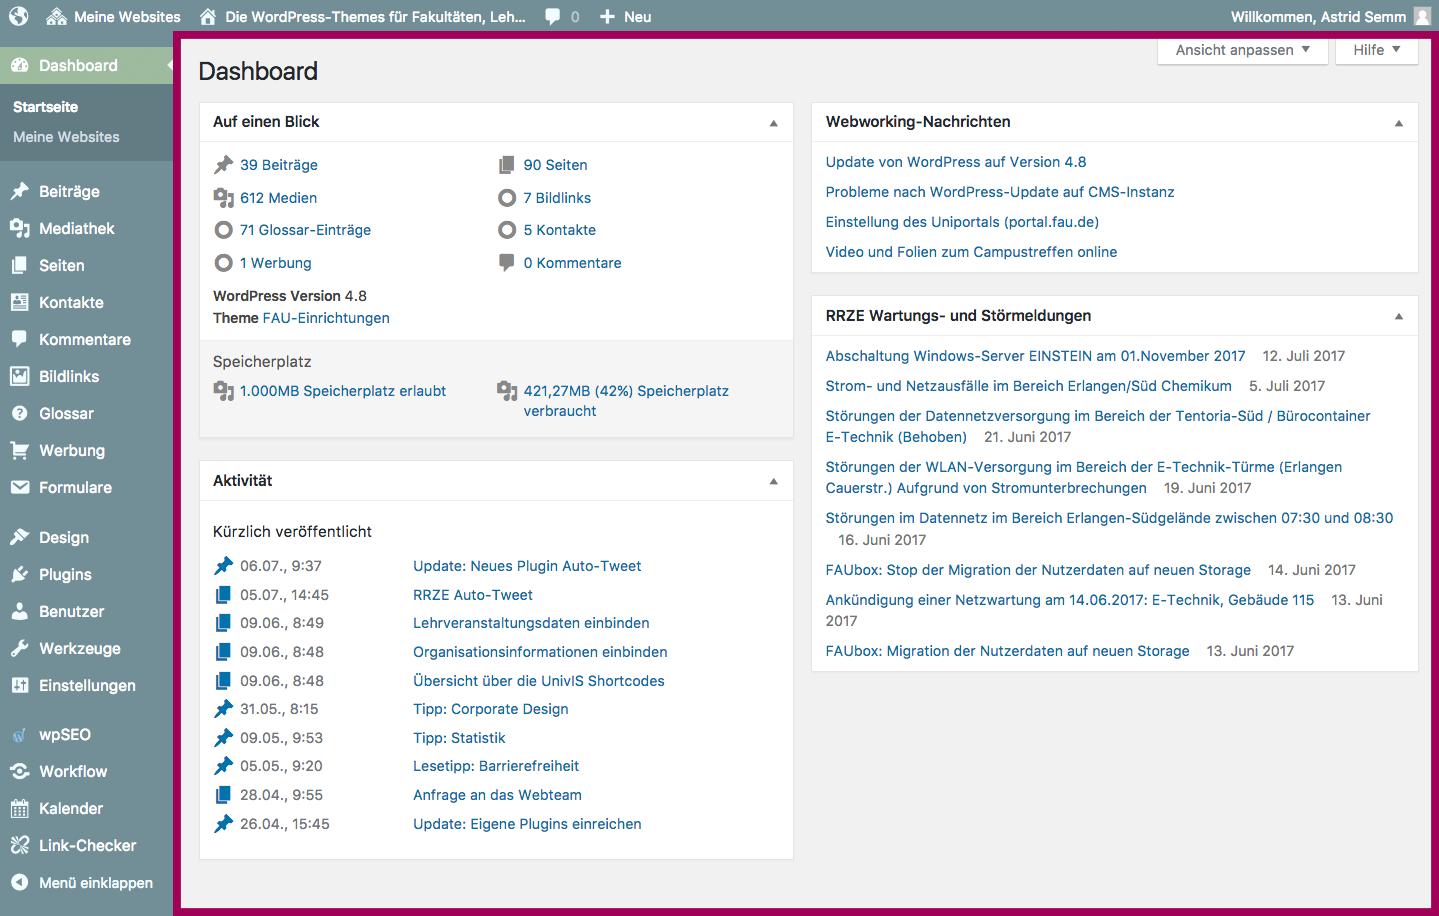 Der Screenshot zeigt das Dashboard mit Hervorhebung gegenüber den Menübereichen